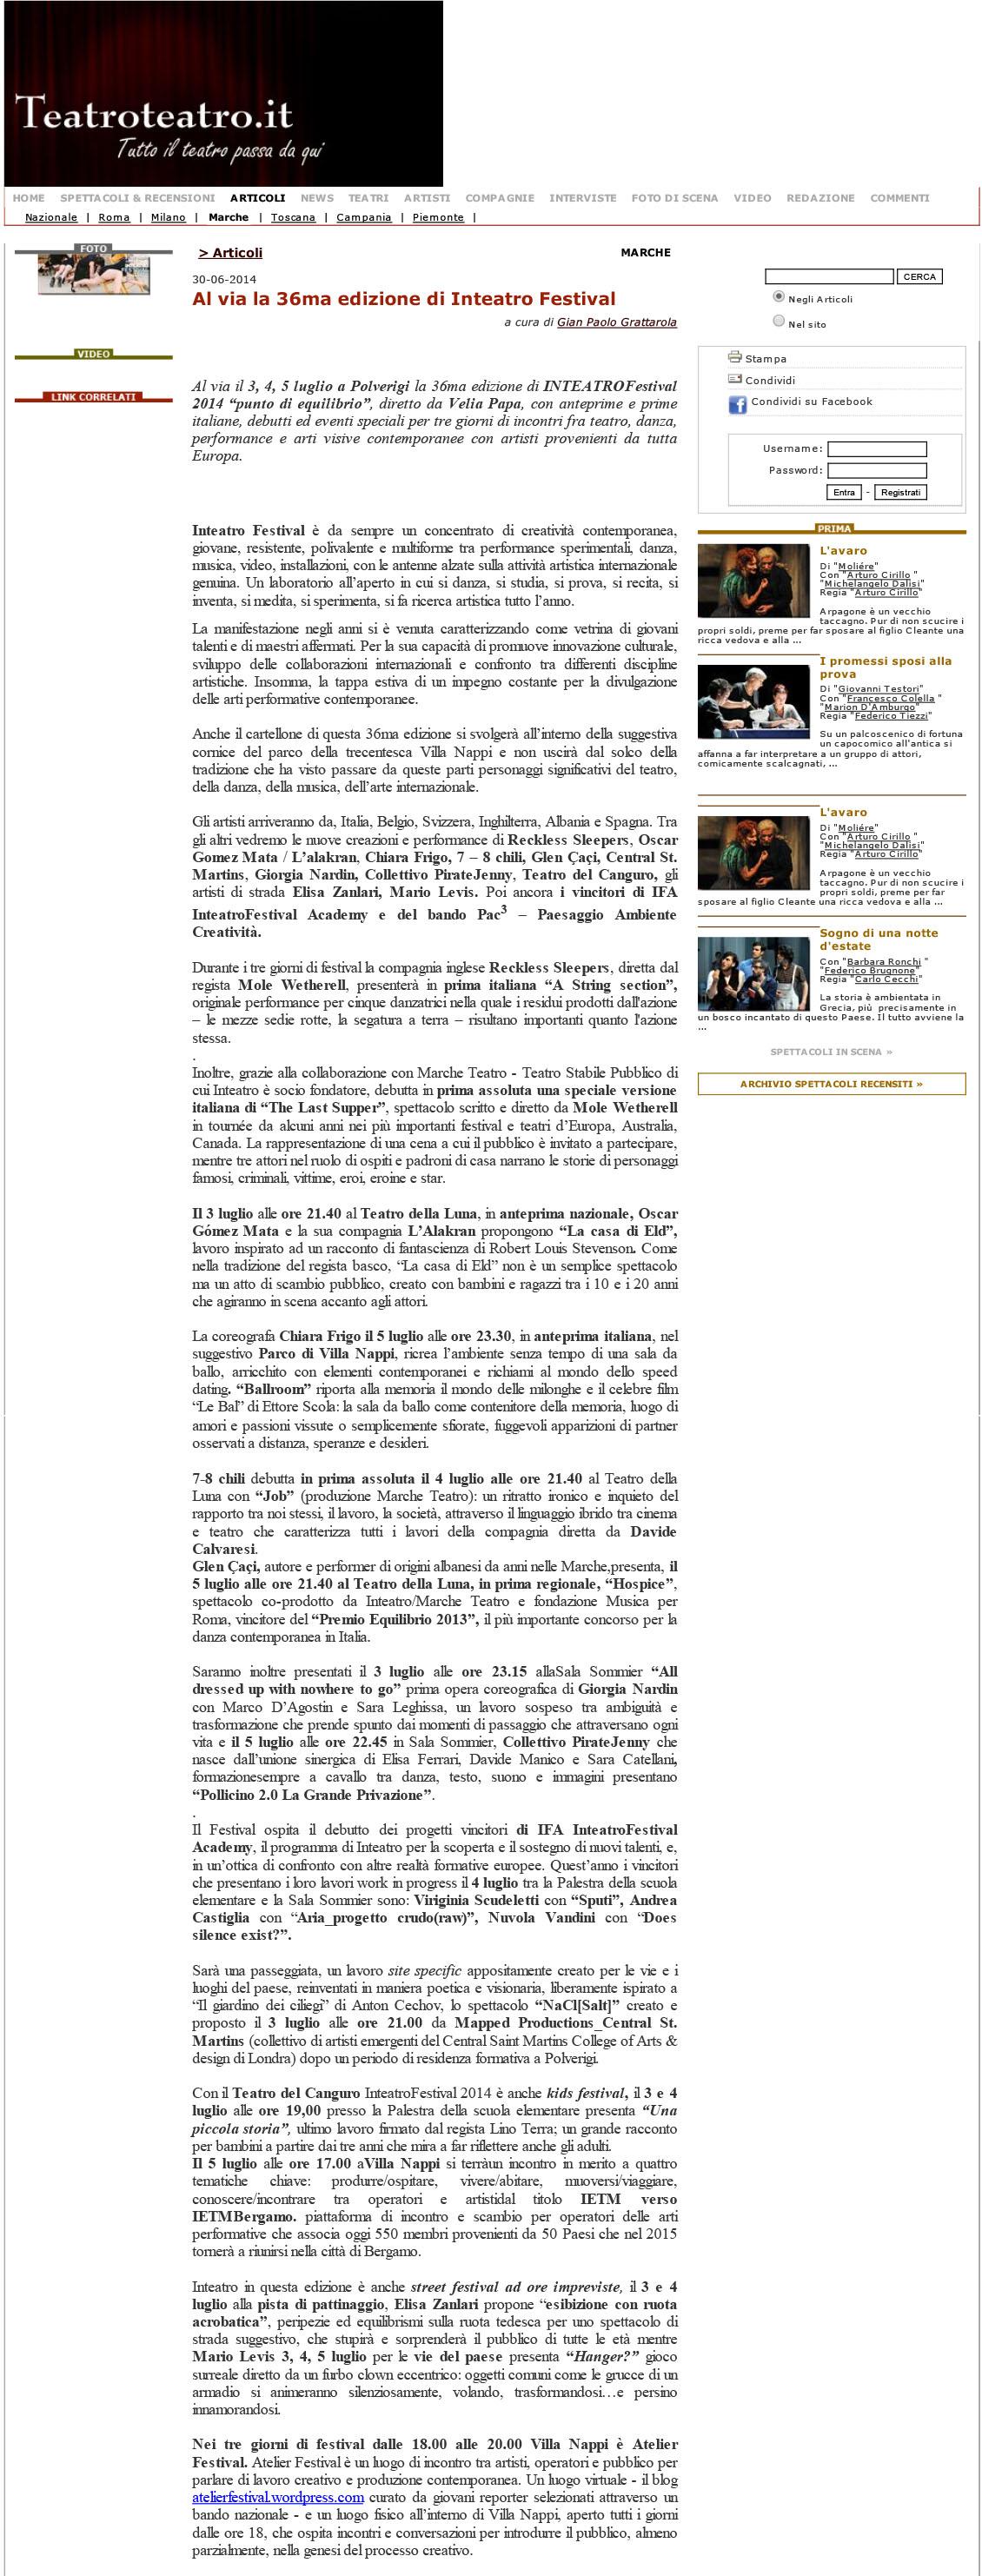 2014.06.30 Al via la 36ma edizione di Inteatro Festival - teatroteatro.it